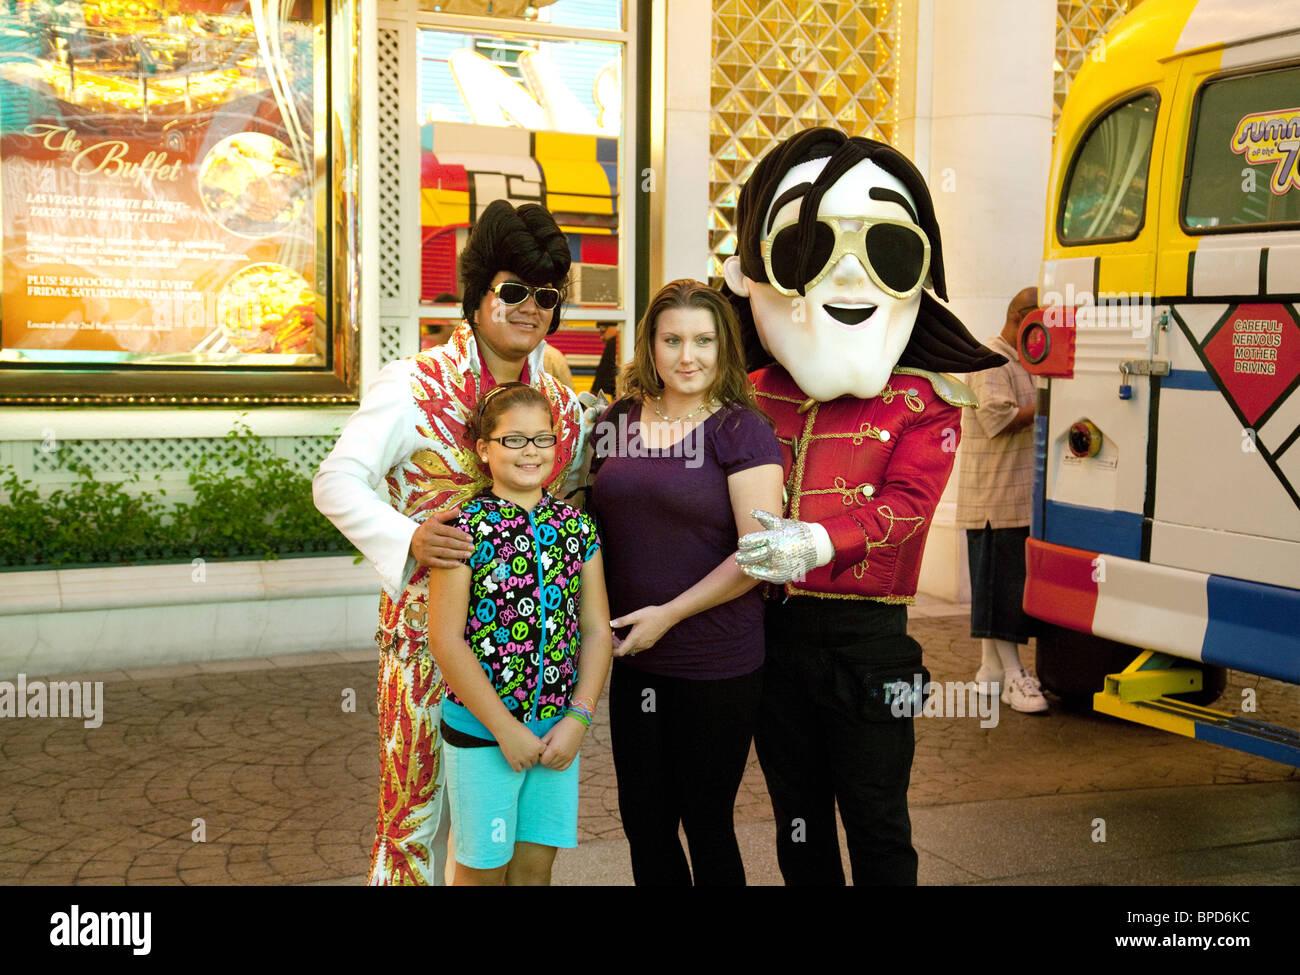 Une mère et sa fille posent avec Elvis et Michael Jackson imitateurs, Fremont Street, Las Vegas, Nevada, USA Photo Stock